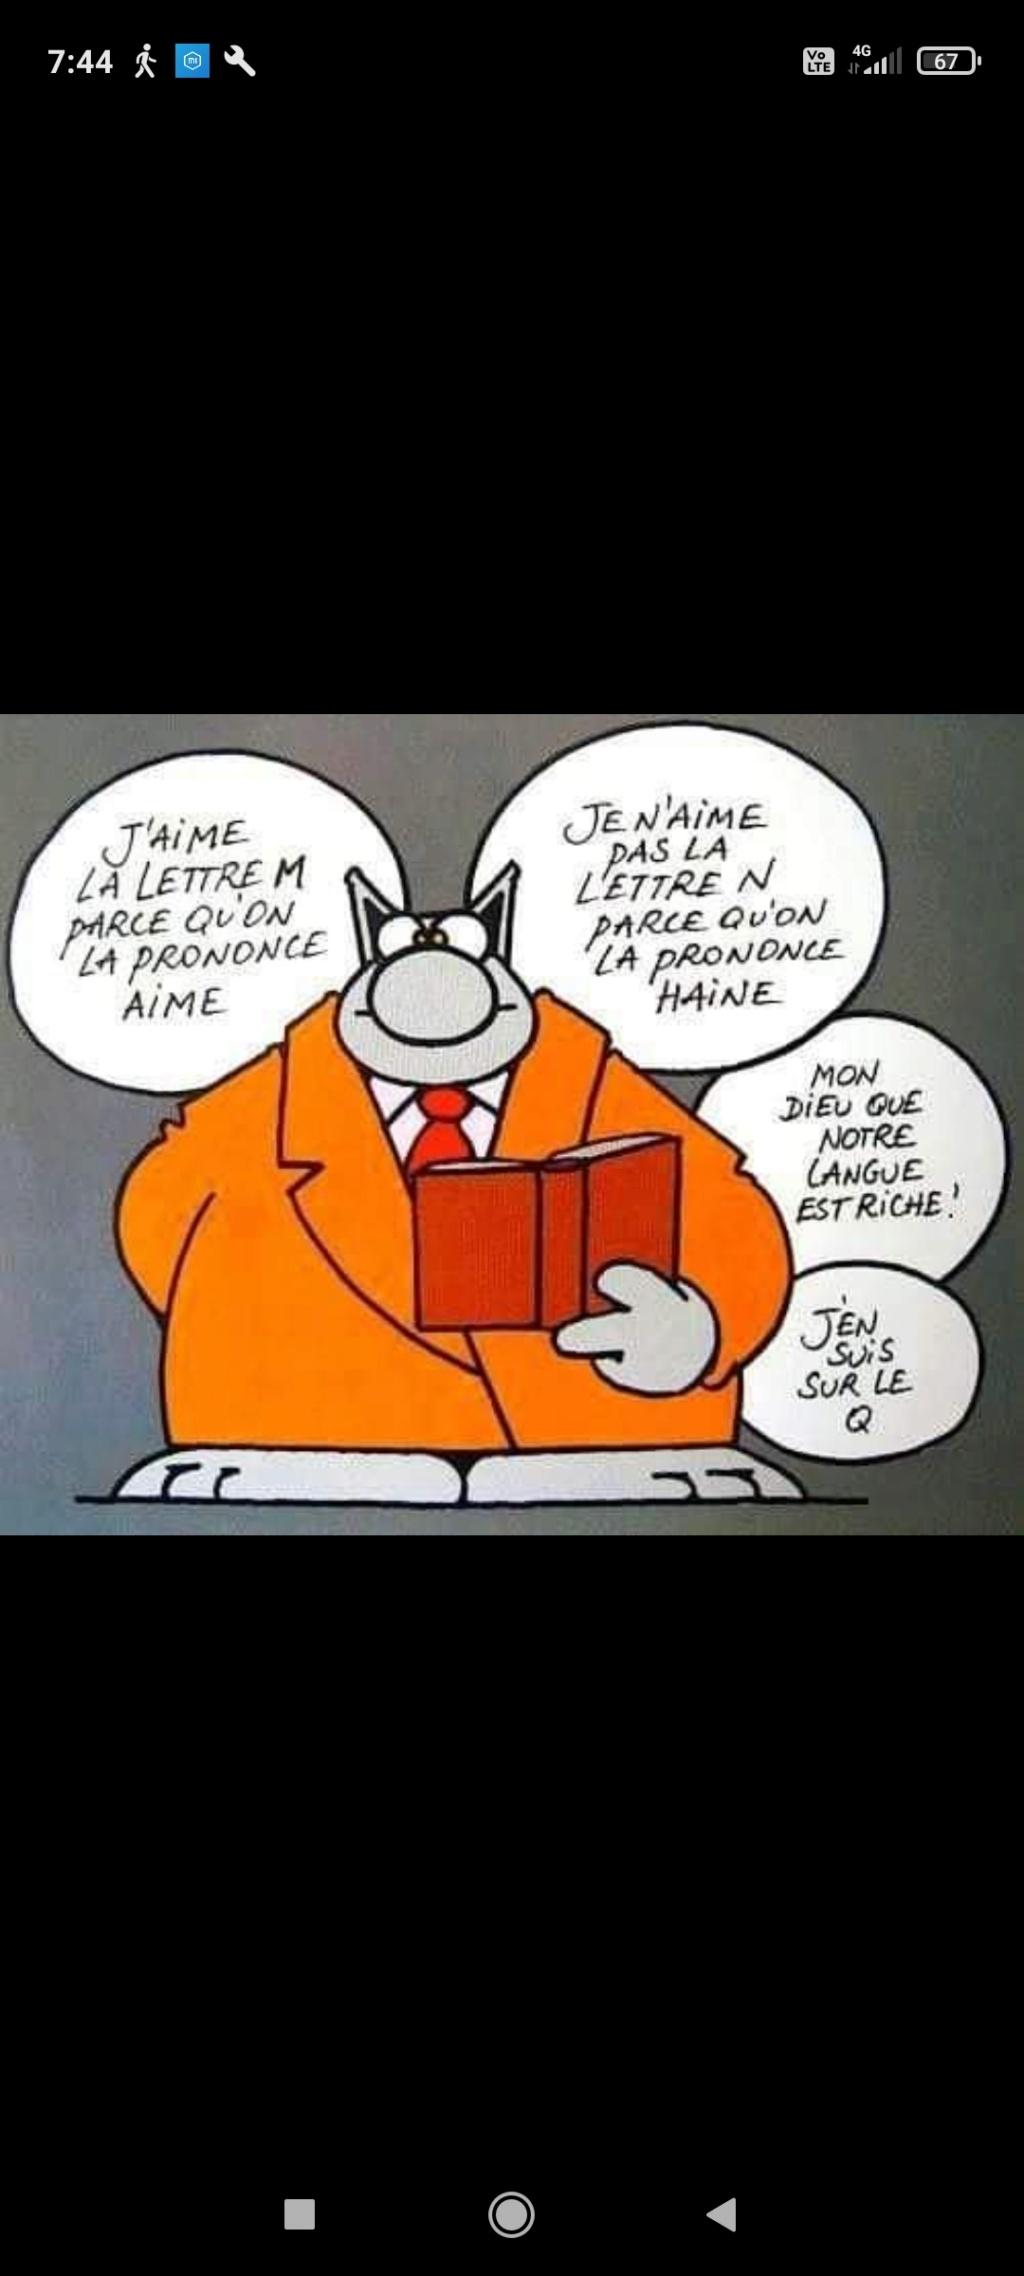 Humour et autres co..eries - Page 18 261f2d10